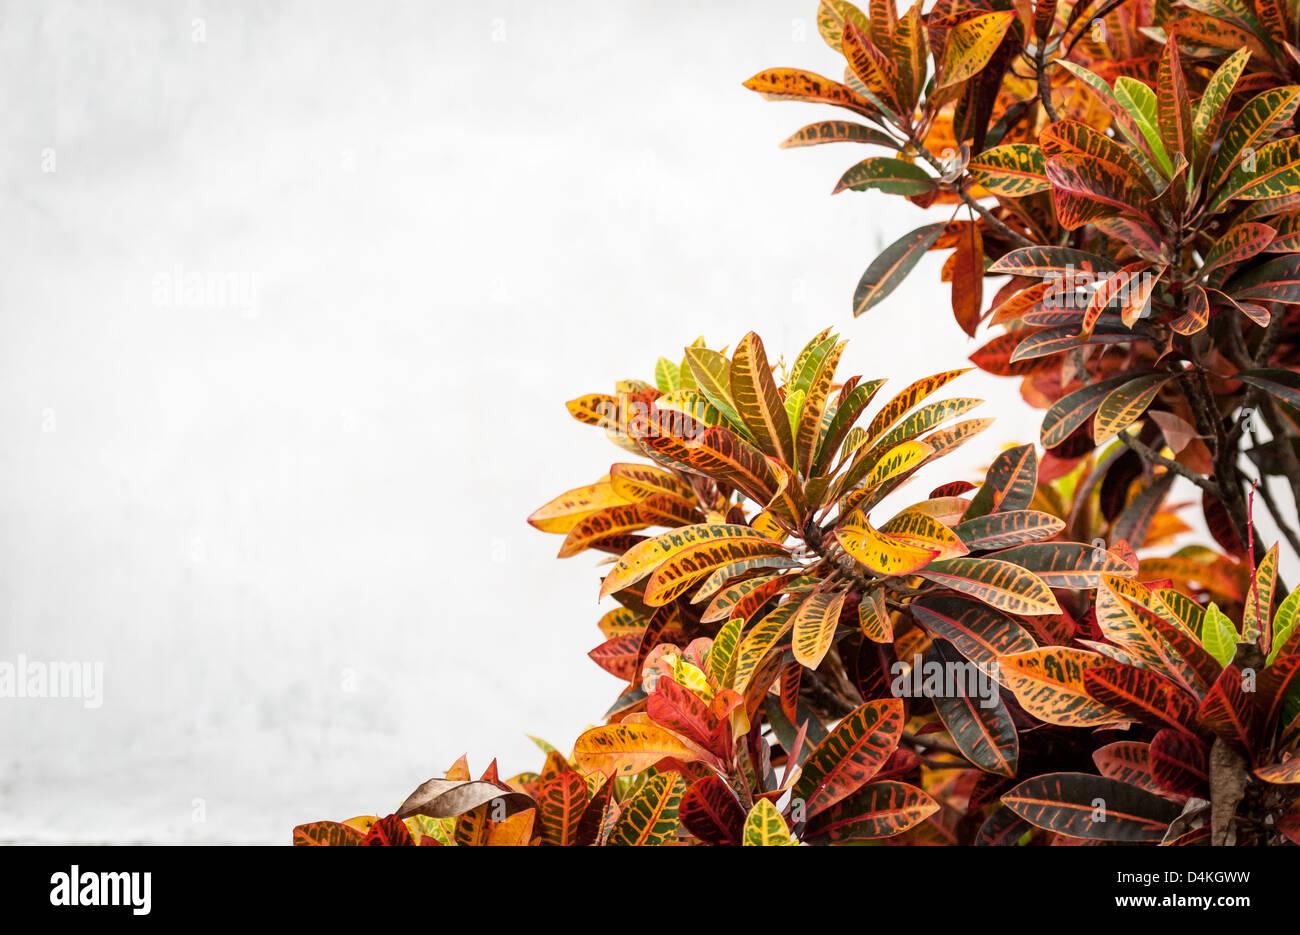 Fiori Giallo Verdognoli A Grappolo.Lussureggianti Fiori Di Diversi Colori Rosso Giallo Arancio E